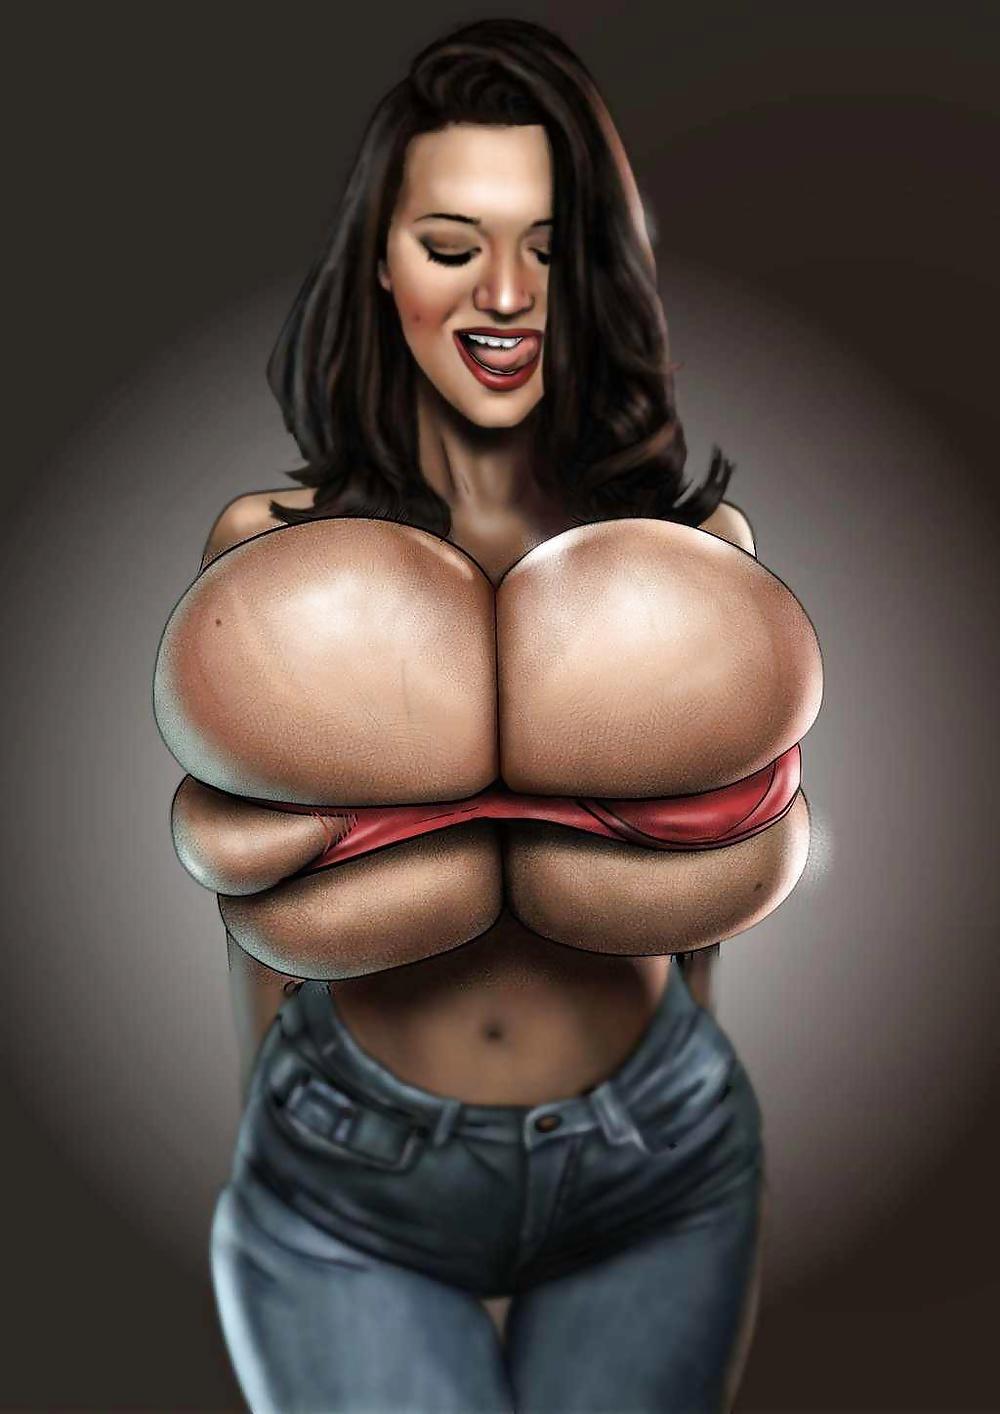 big-fantasy-tits